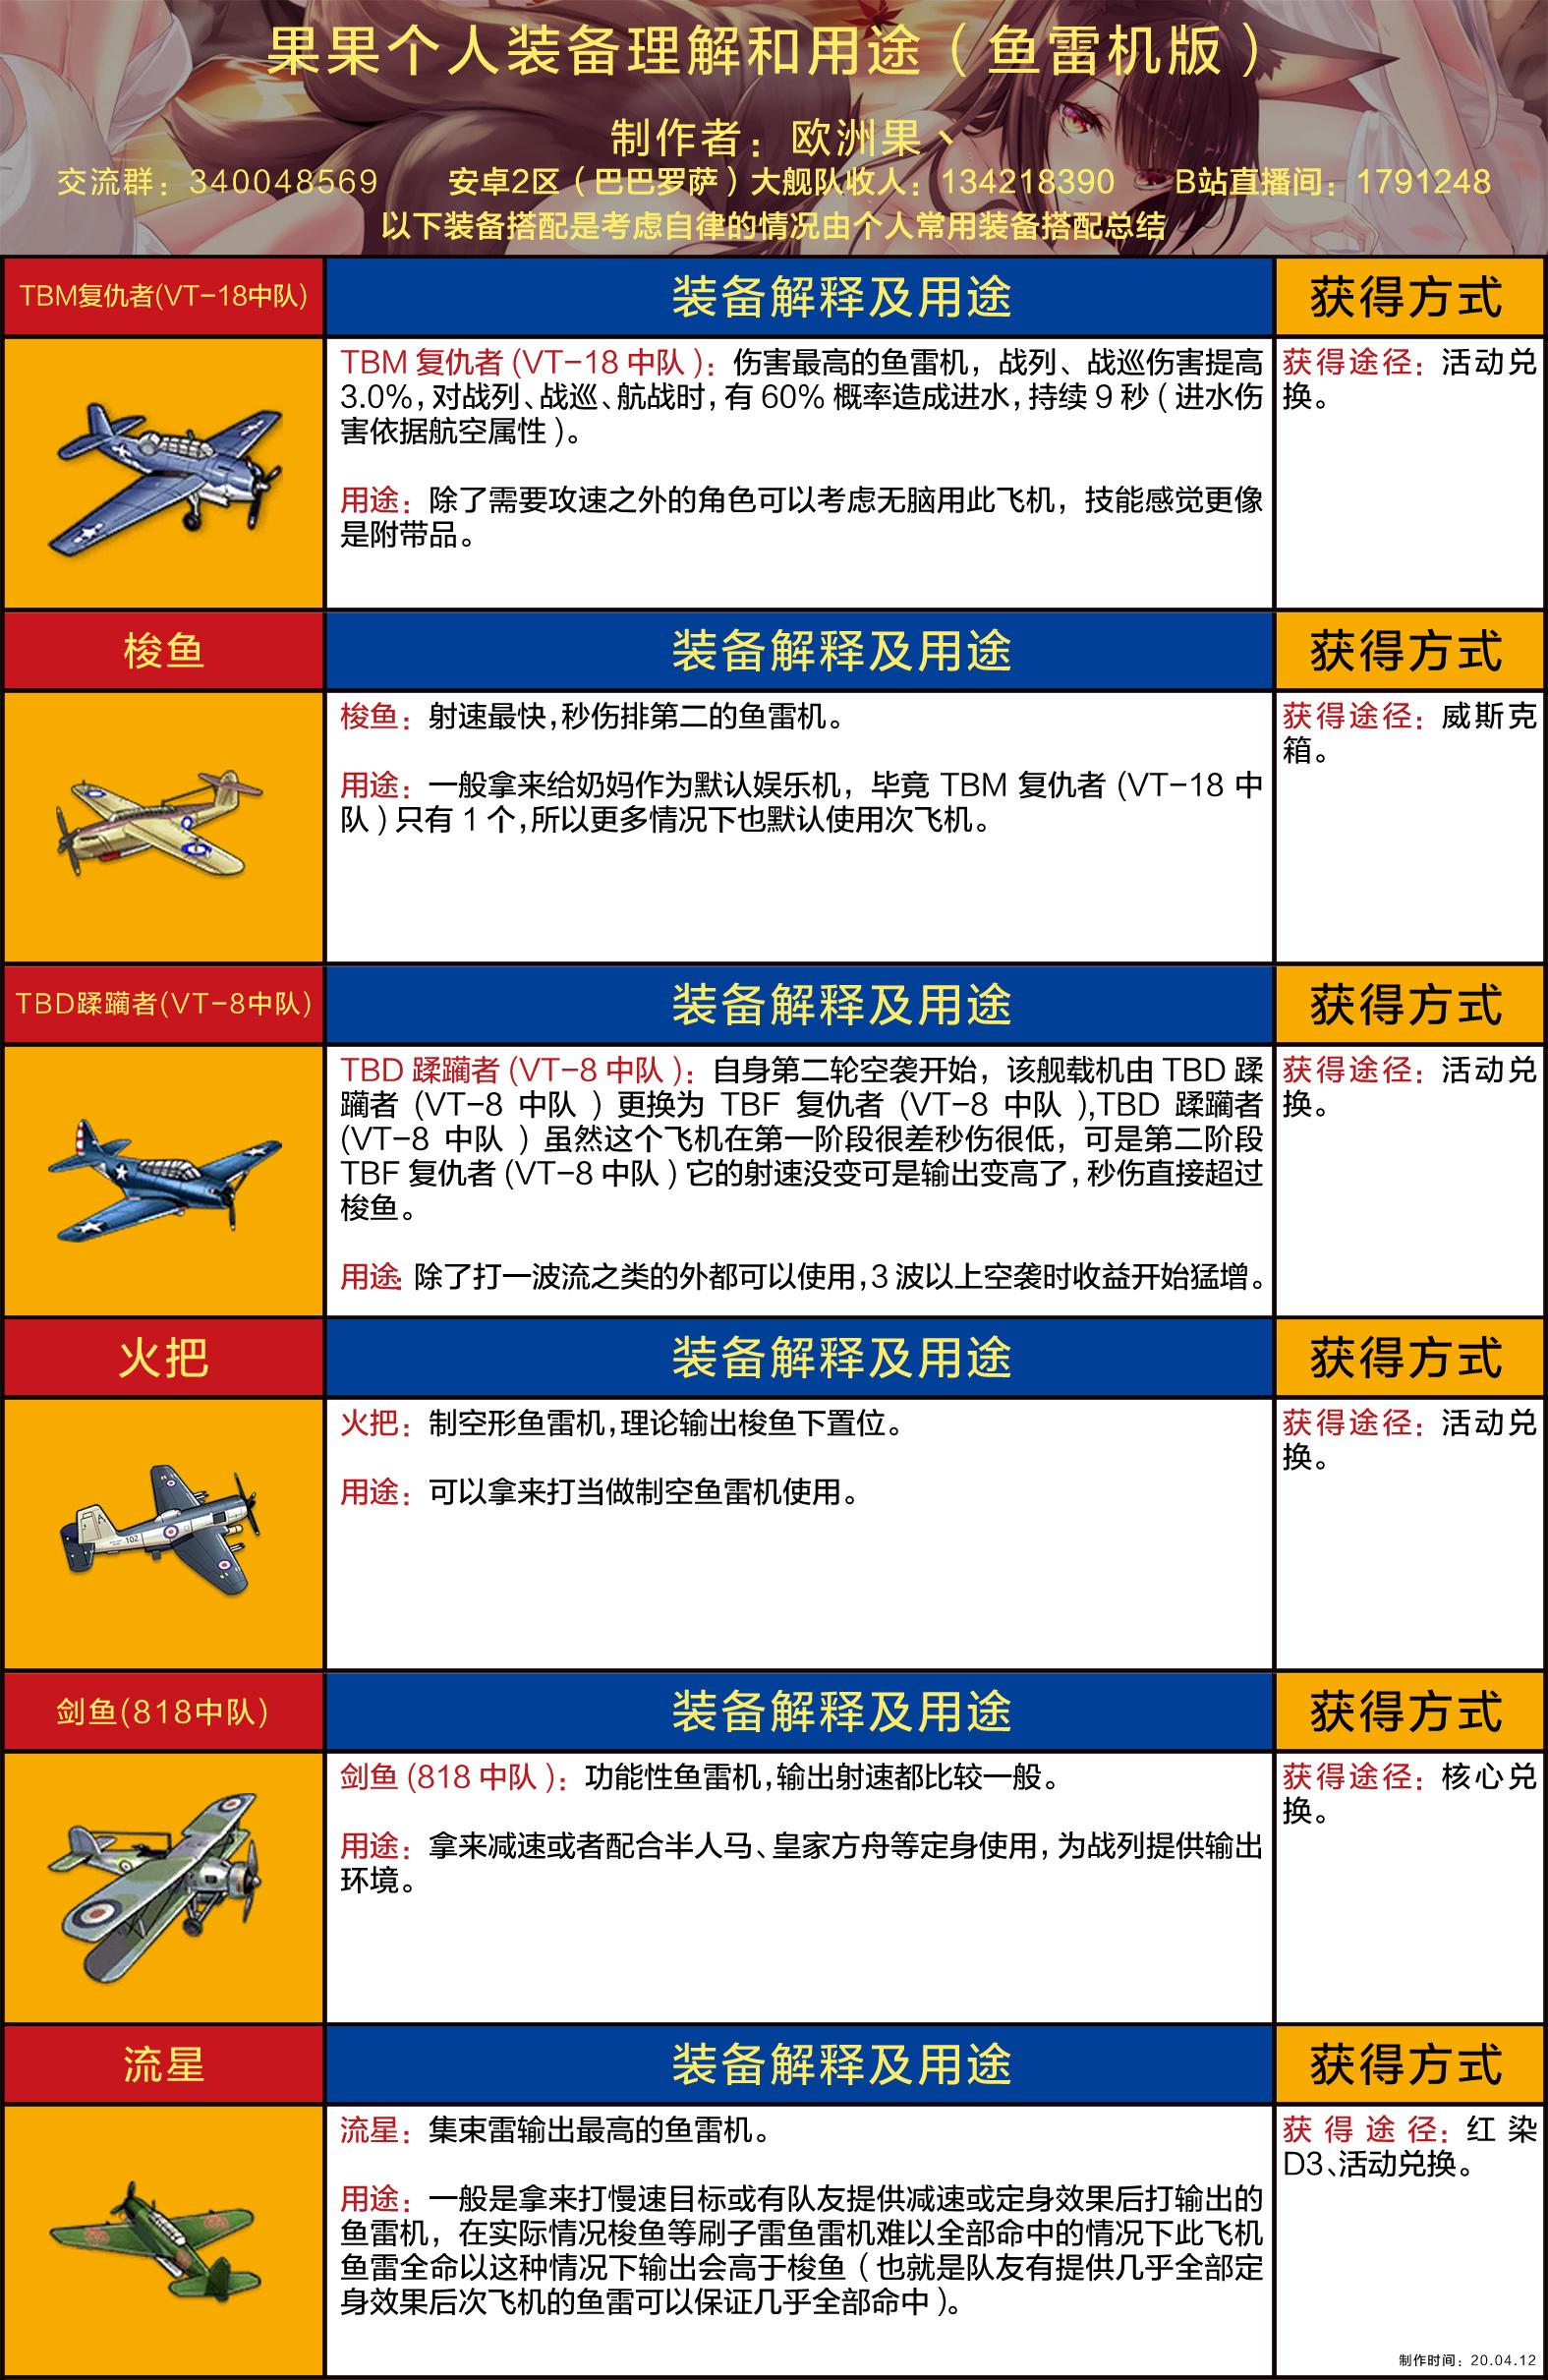 果果个人装备理解和用途(鱼雷机版wiki).jpg